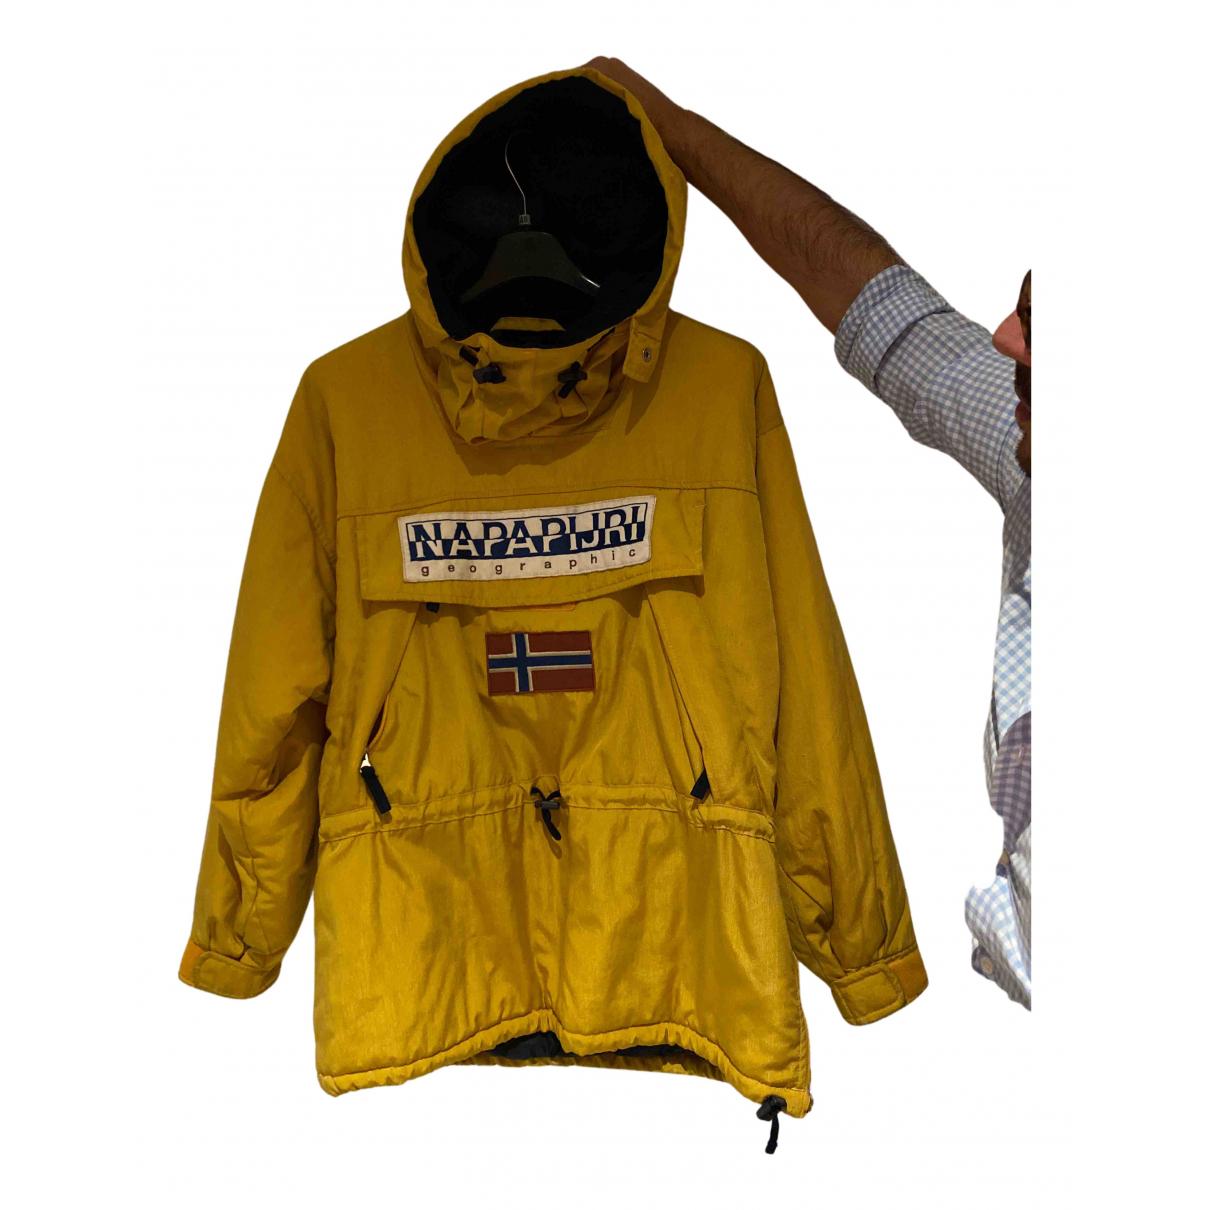 Napapijri - Manteau   pour homme - jaune